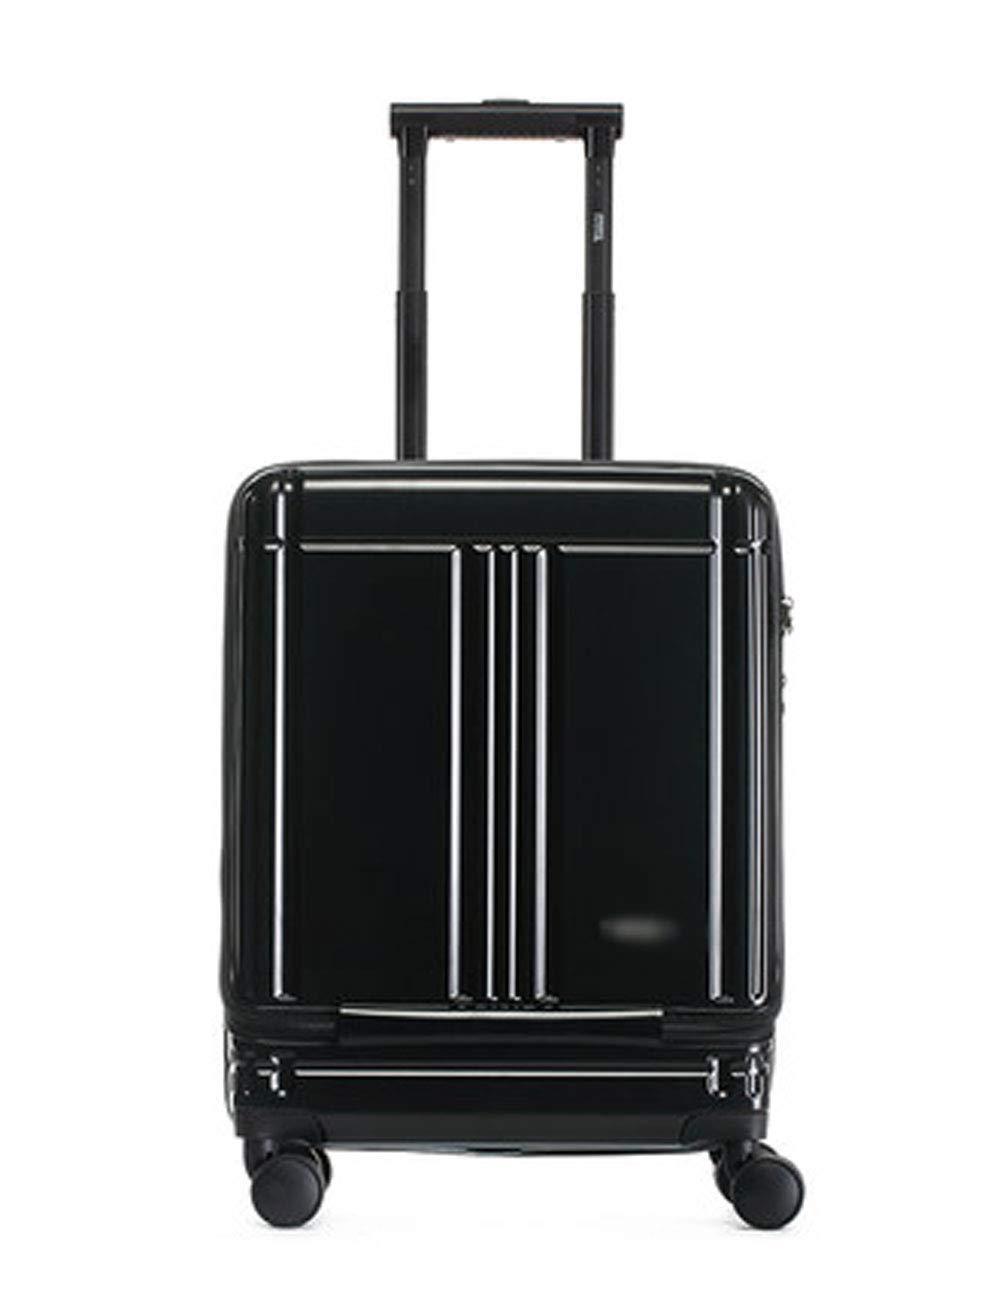 ミニビジネススーツケース、ポータブル360度回転ホイールデザイン、防水PC、レバーロックボックス (色 : 黒)   B07GKJCRQL